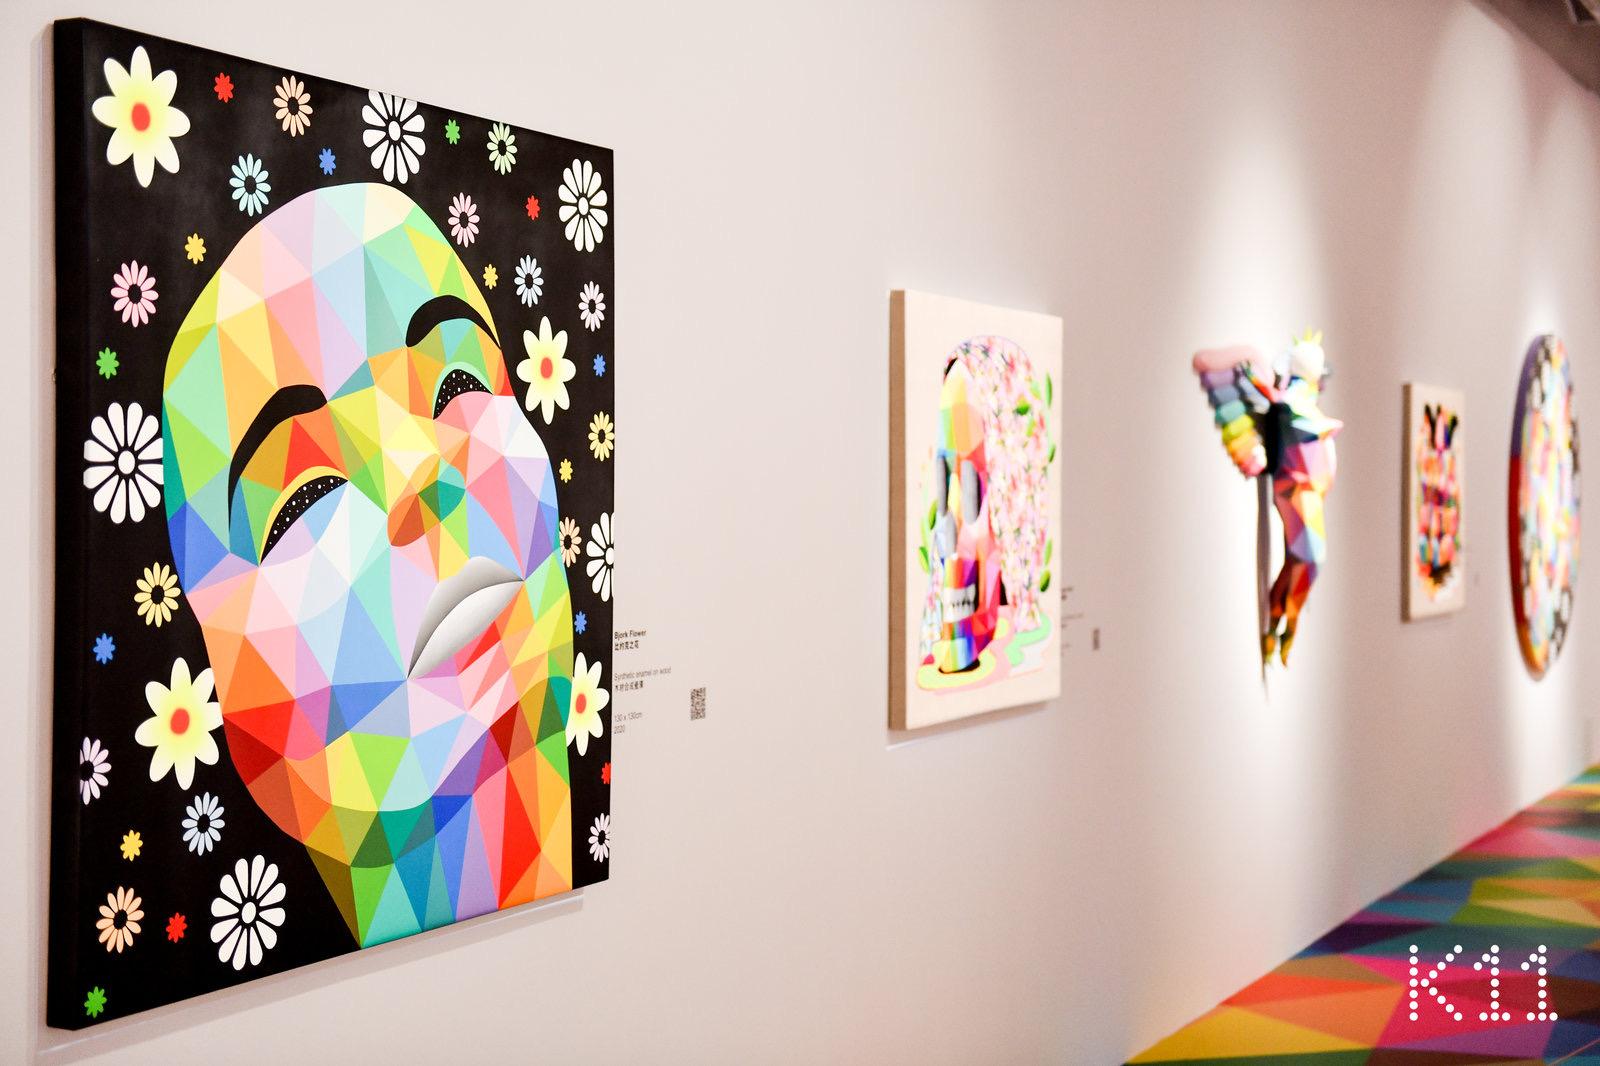 KAOS TRIP: Uma viagem de cores Artes & contextos %E5%BE%AE%E4%BF%A1%E5%9B%BE%E7%89%87 20200713164345